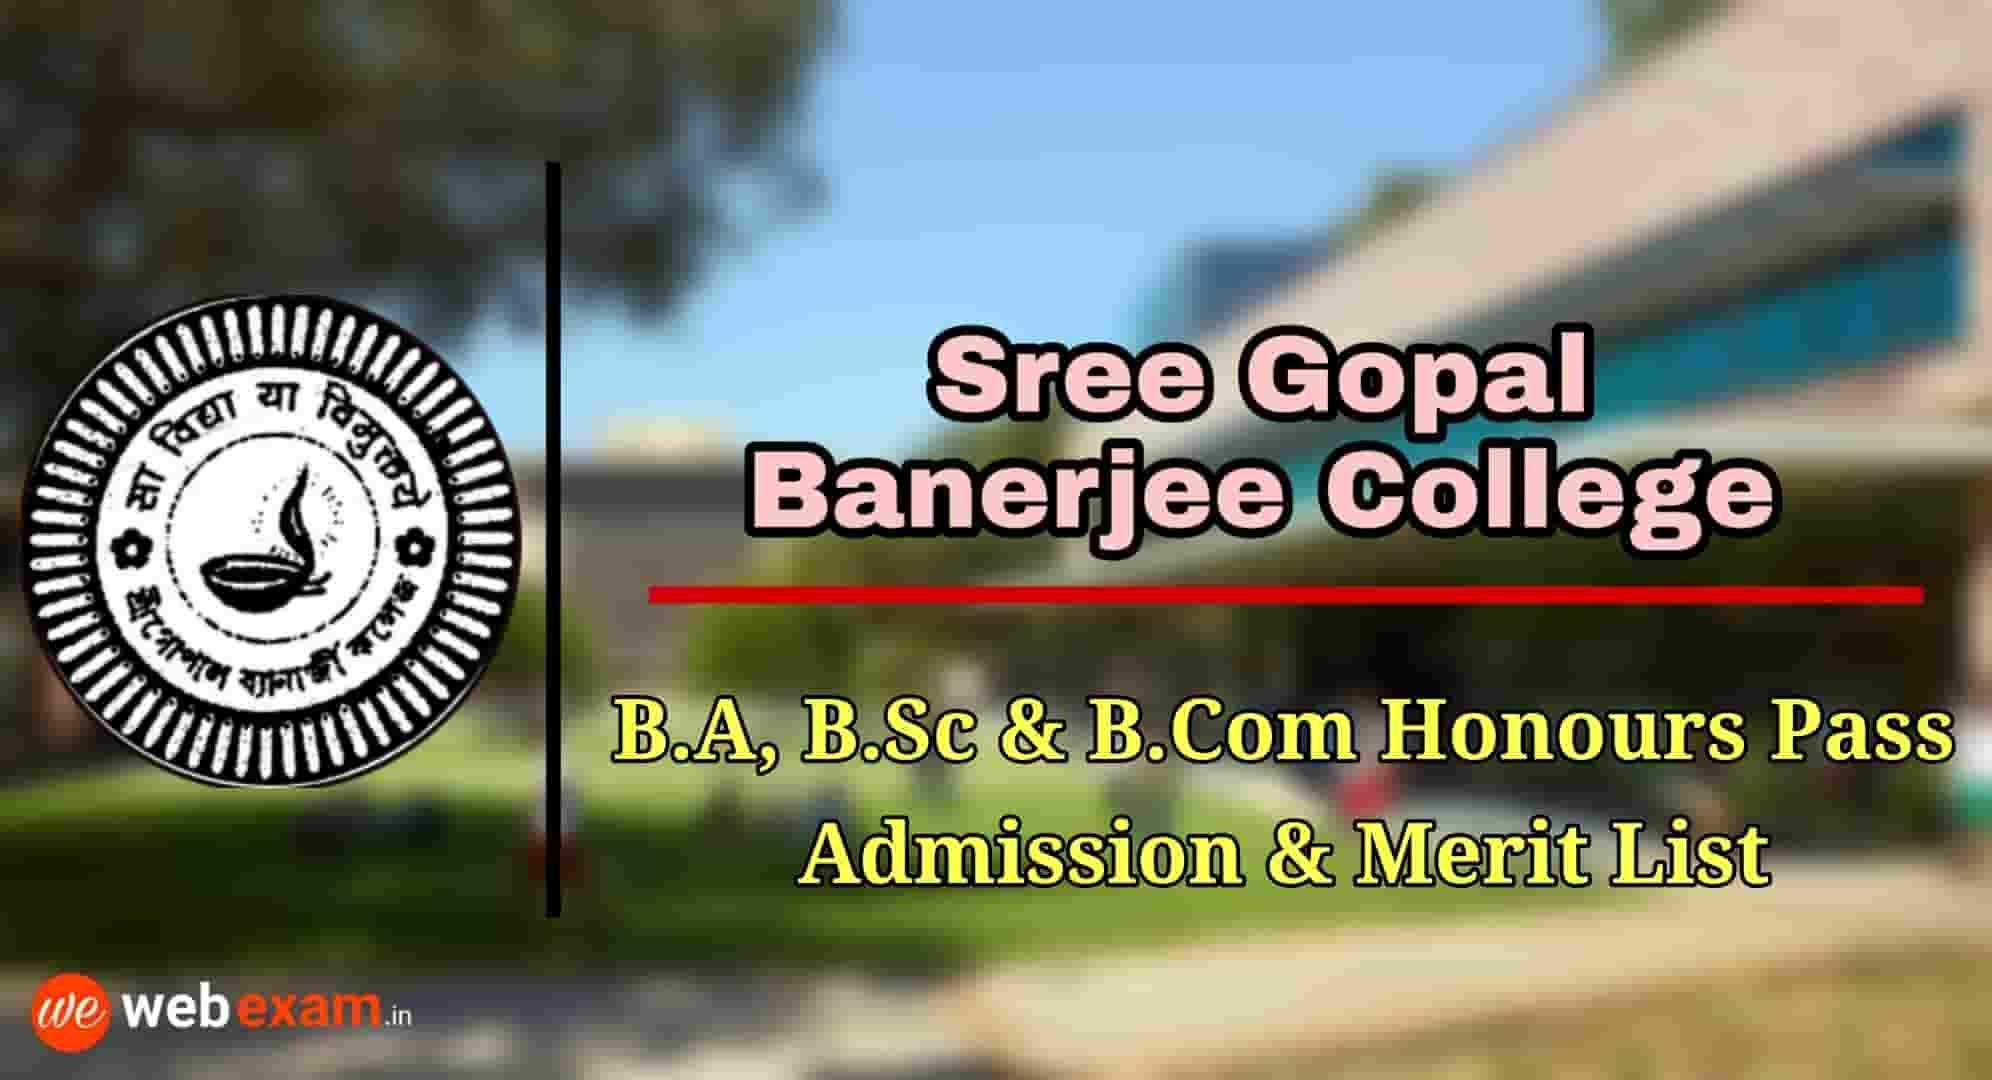 Sree Gopal Banerjee College Admission